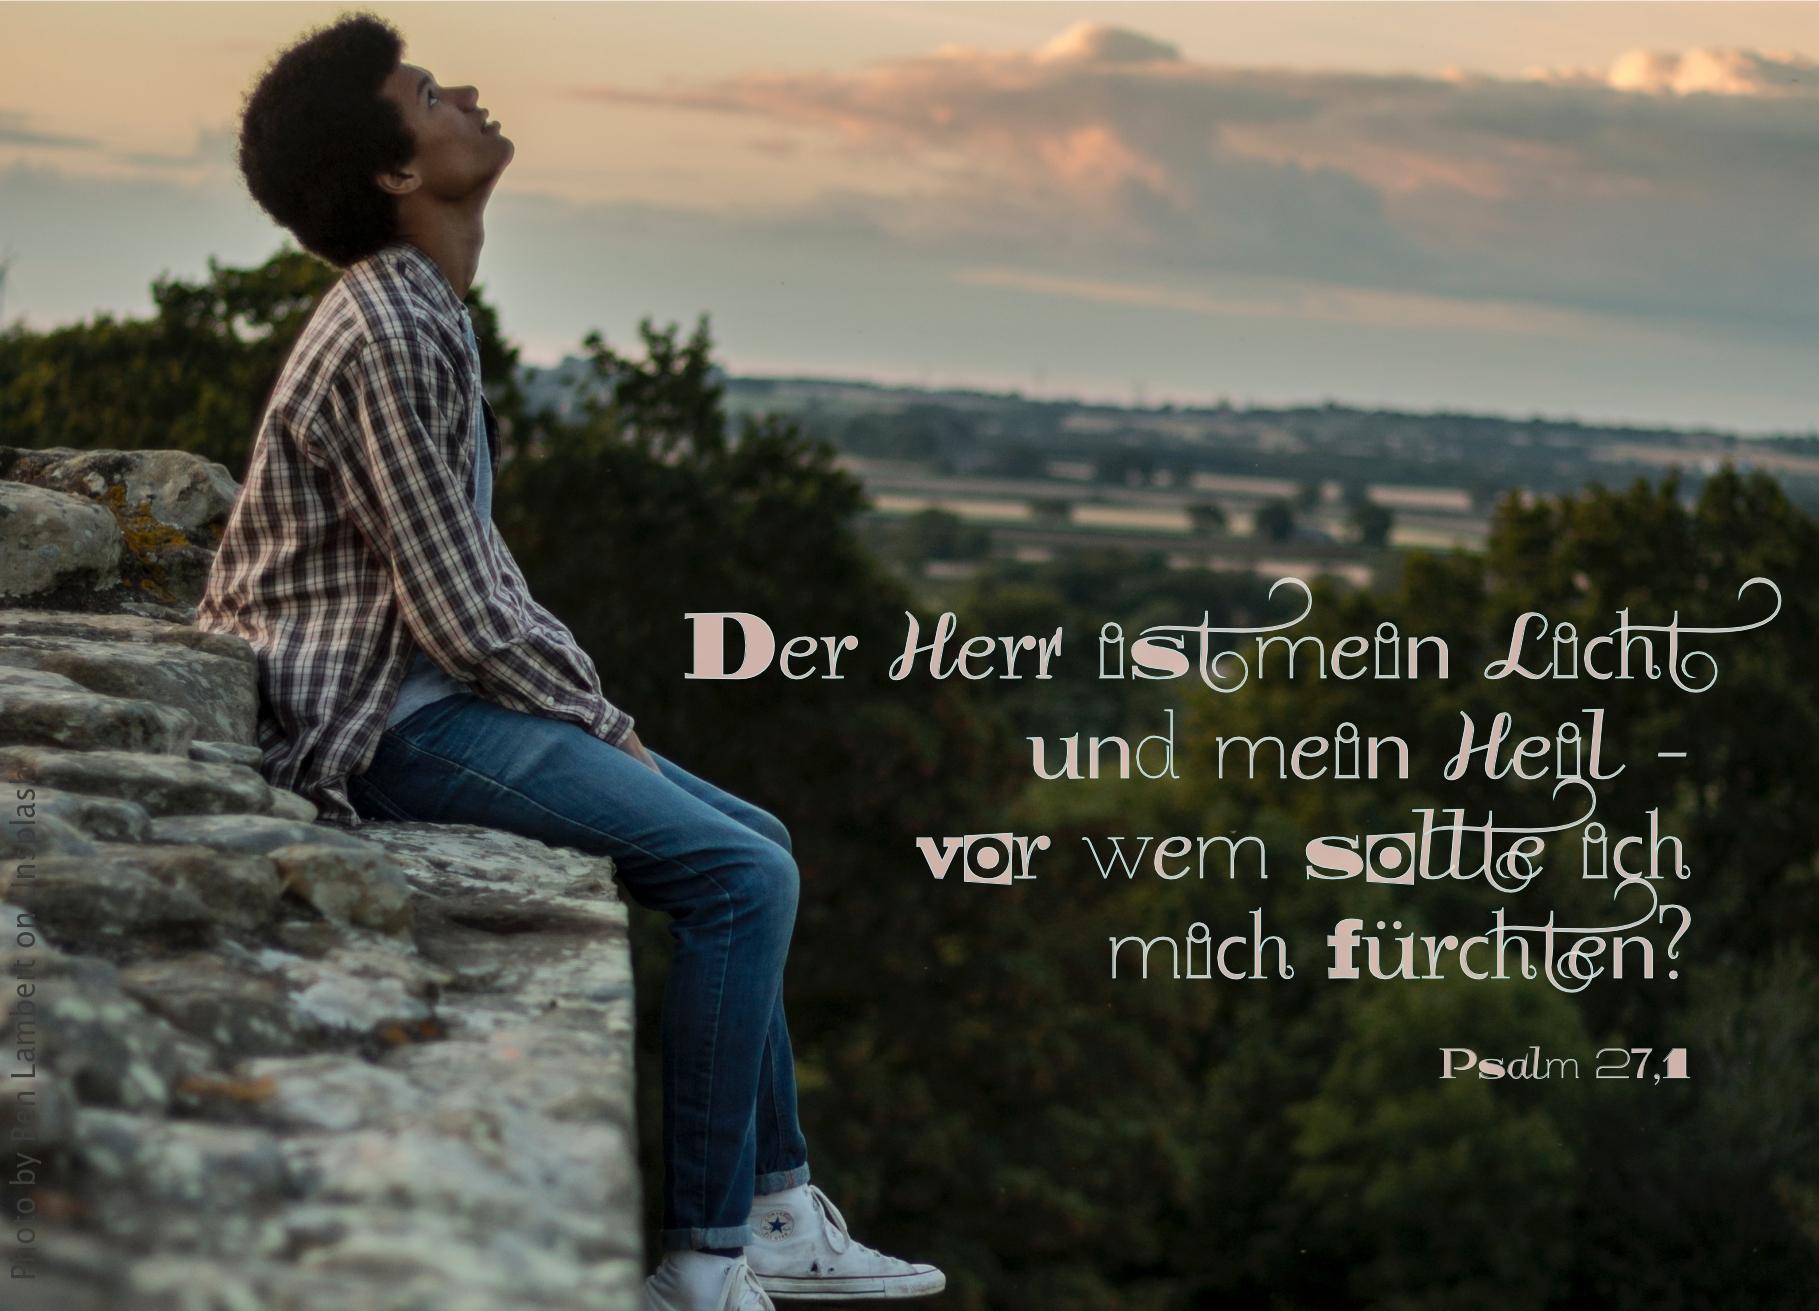 """alt=""""mann_sitzt_auf_felsvorsprung_erwartet_bibelhoerbuch_die_ehe"""""""